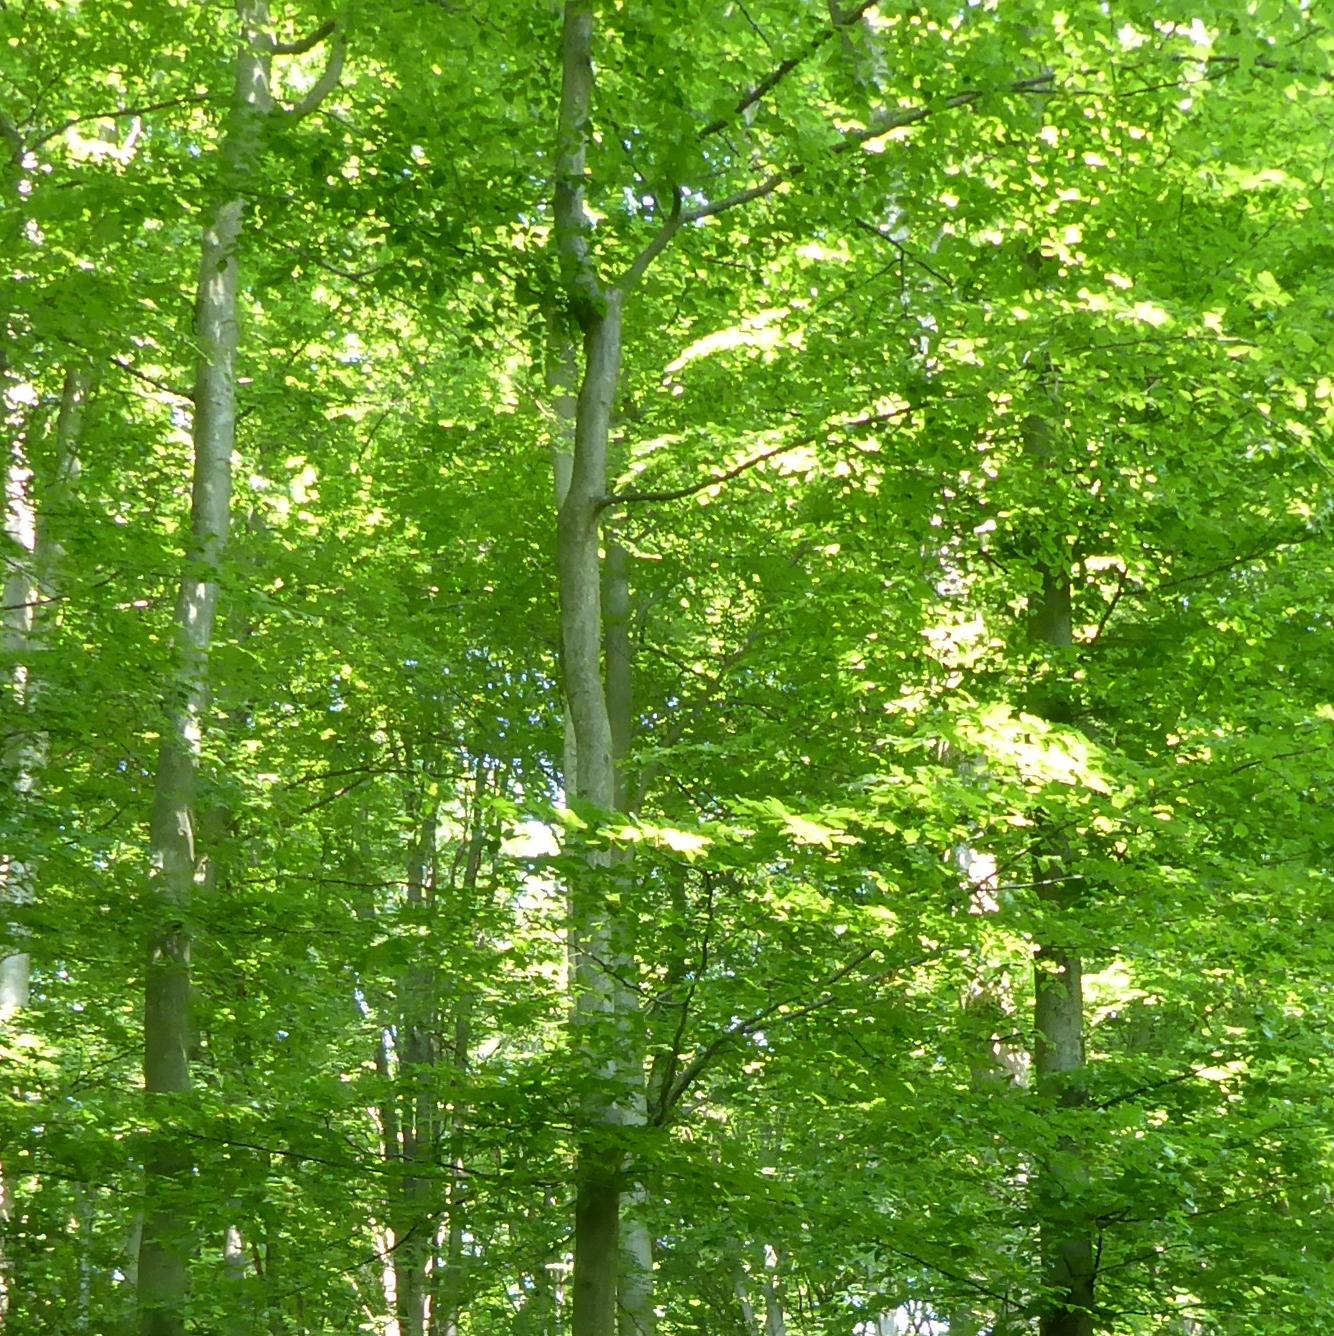 das achtsame, absichtslose Schlendern und Verweilen im Wald, bei dem wir alle Sinne weit öffnen